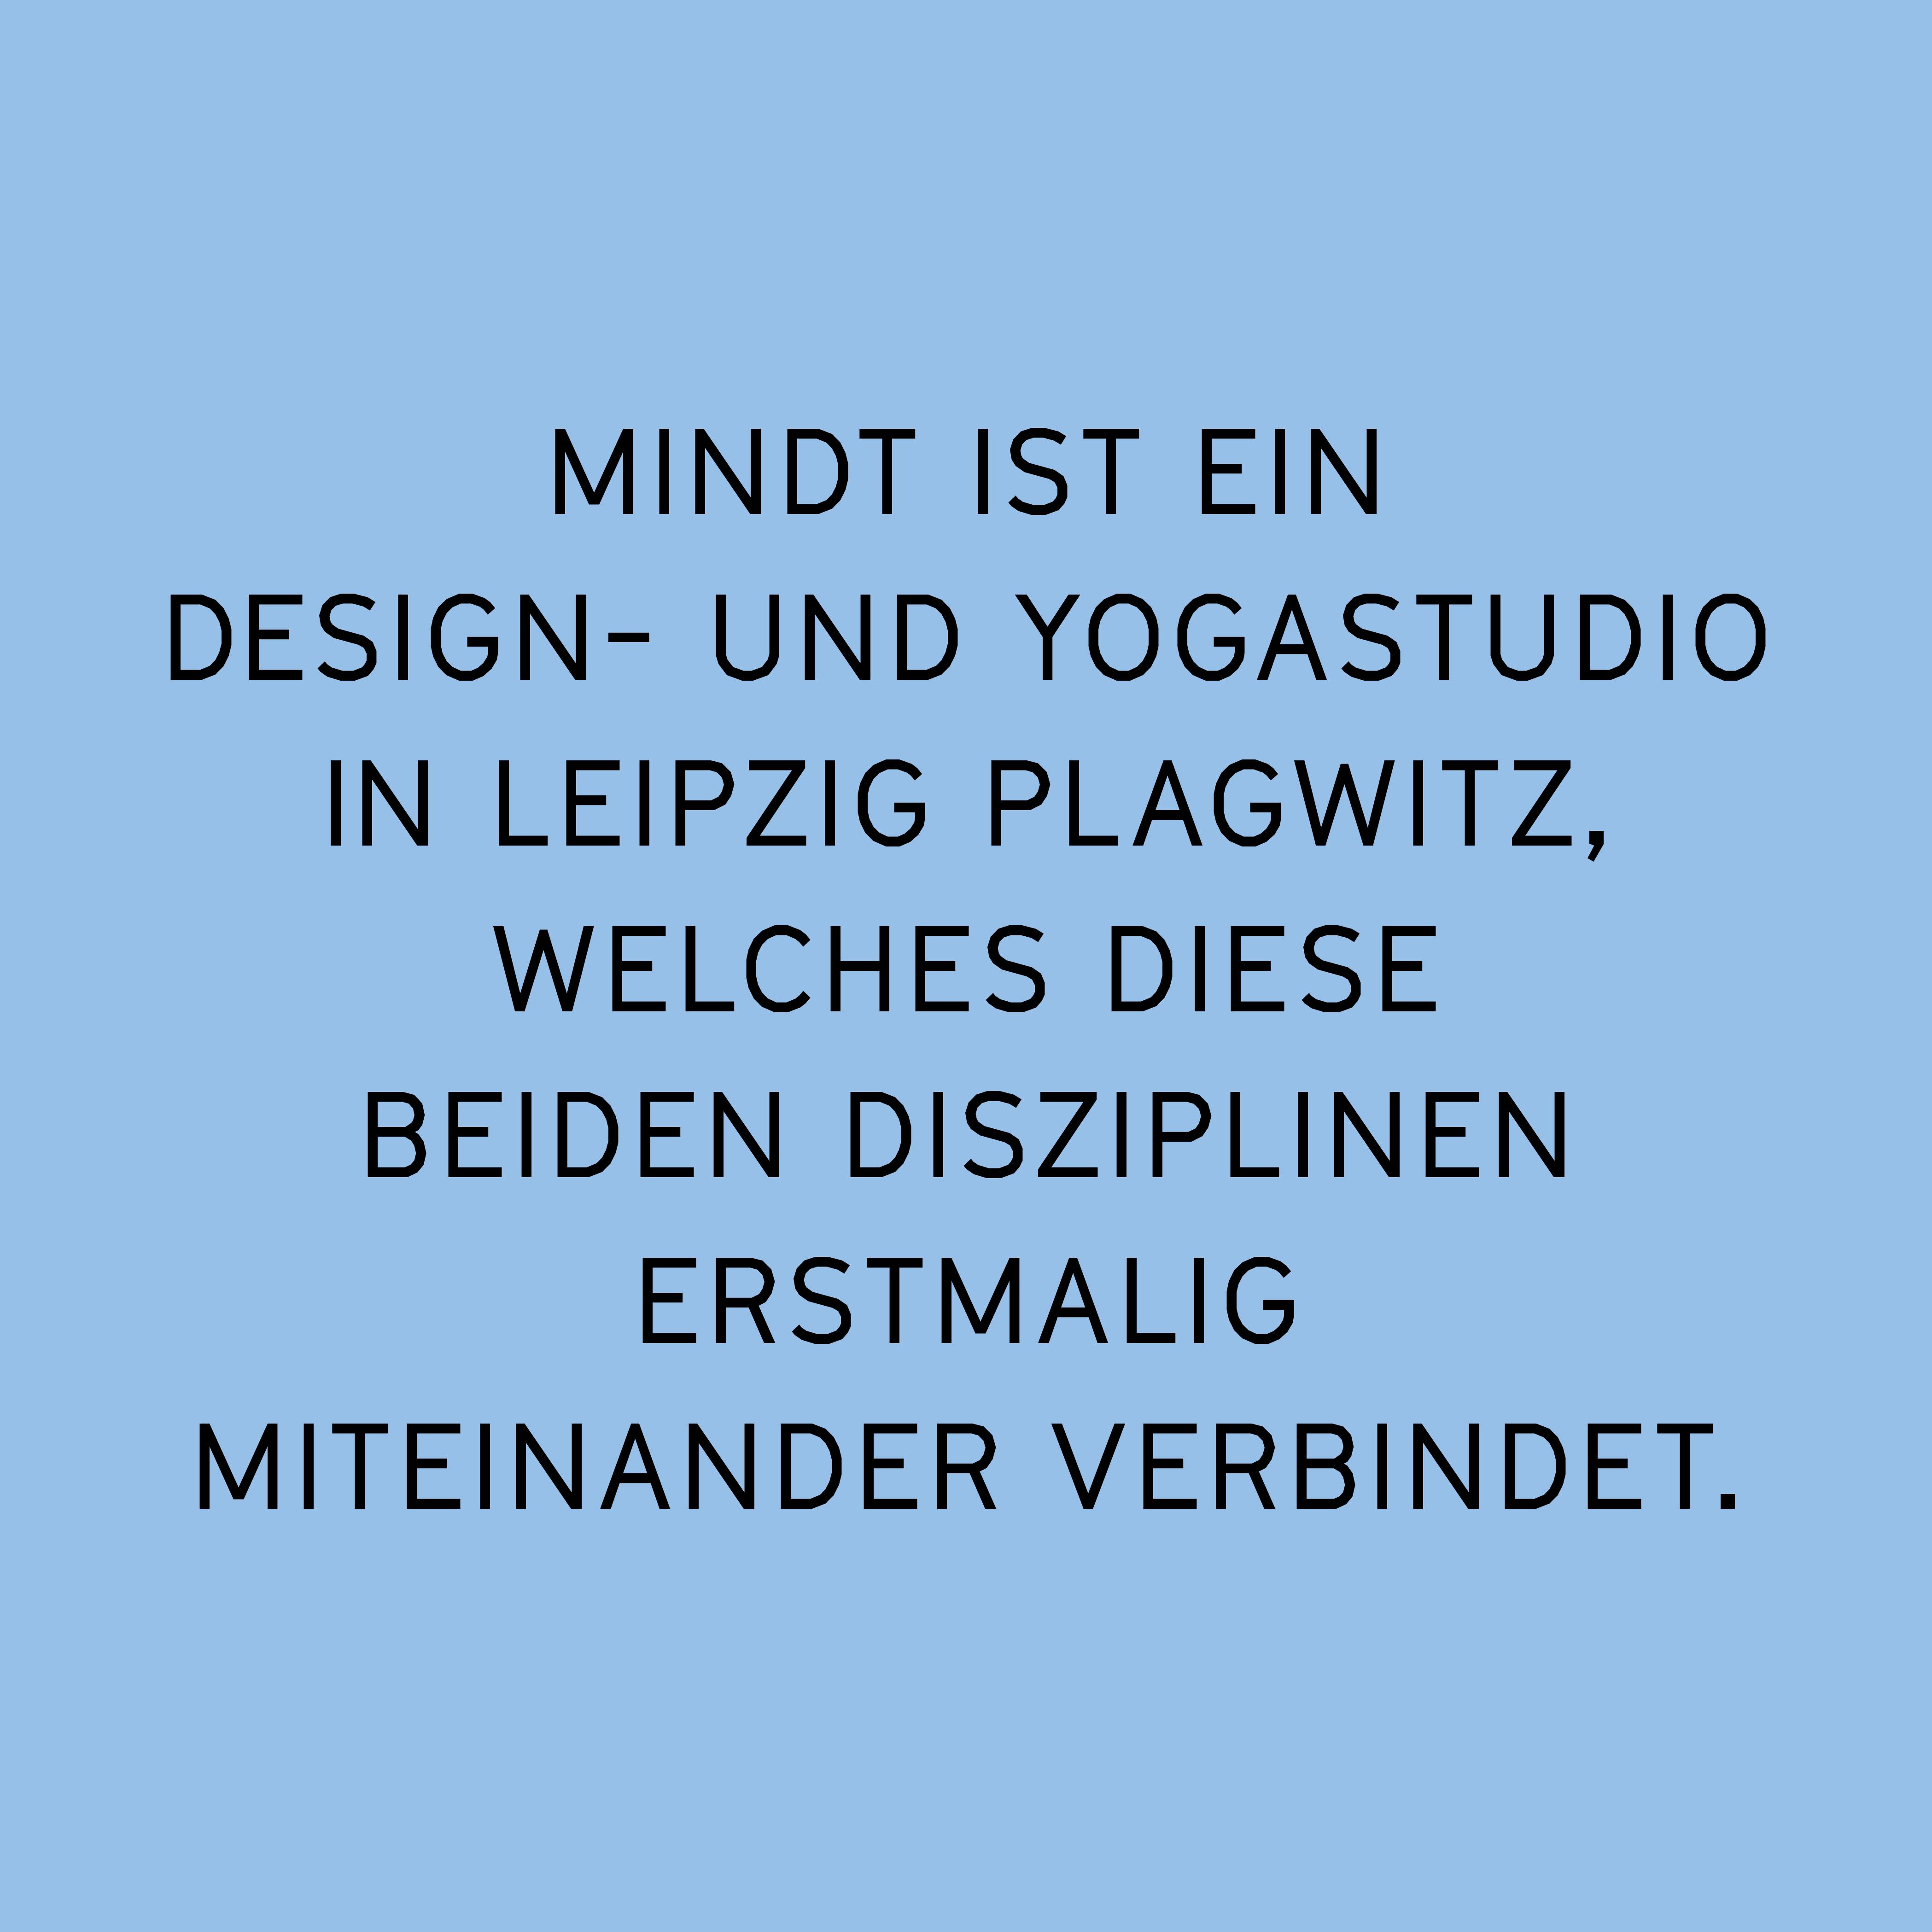 Design- und Yogastudio